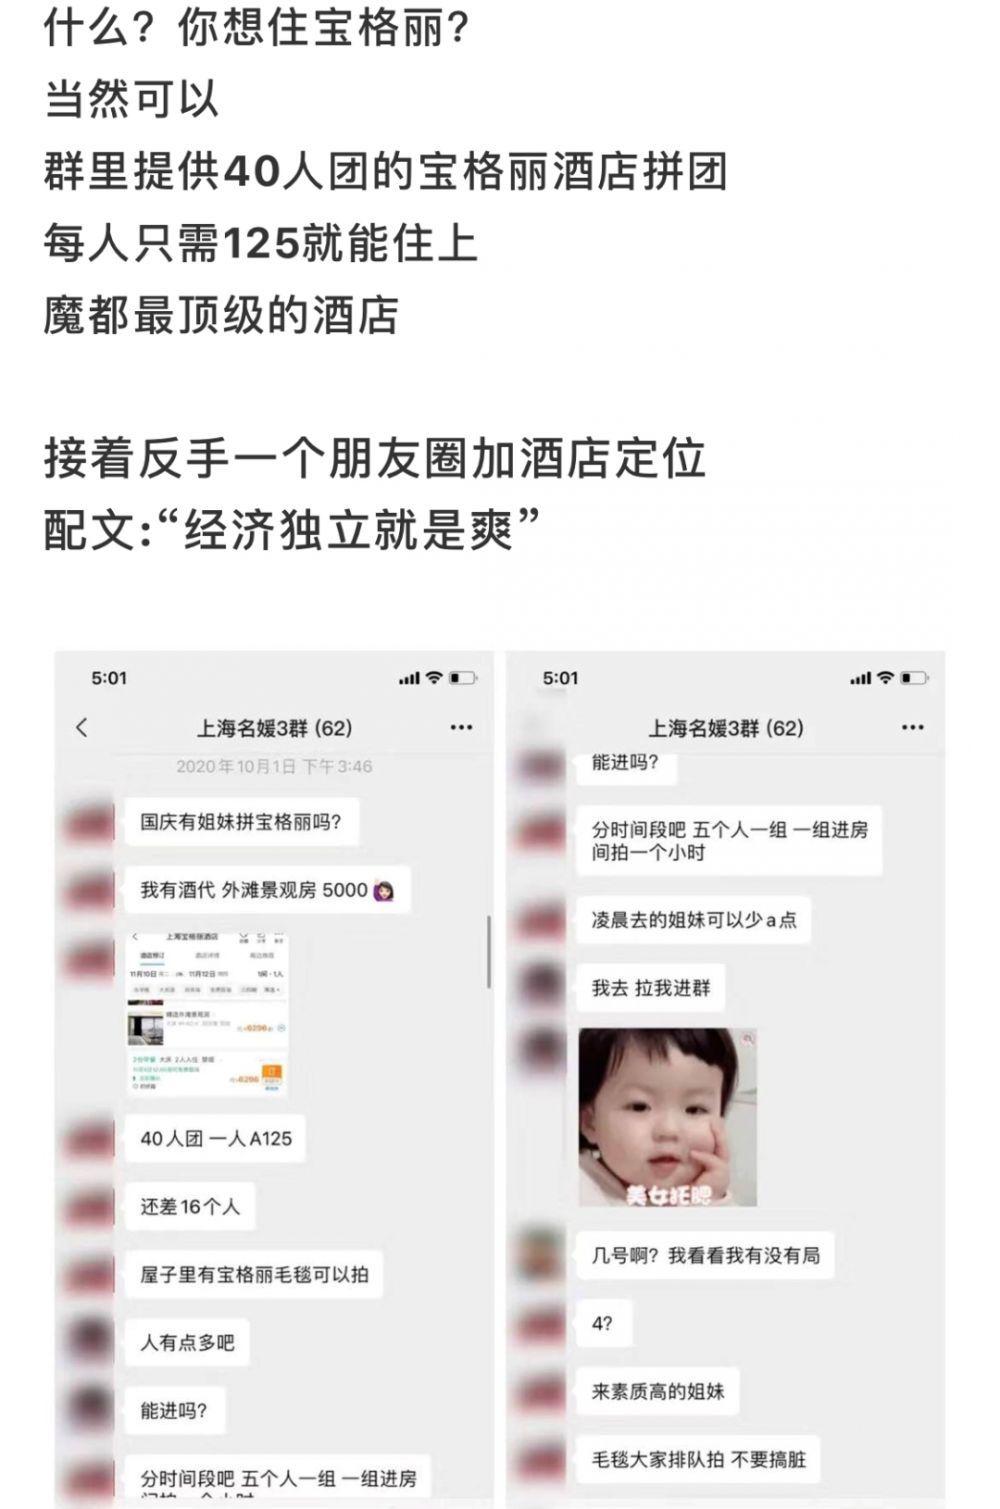 被上海名媛圈笑吐了,Gucci公关哭晕在厕所-第12张图片-周小辉博客